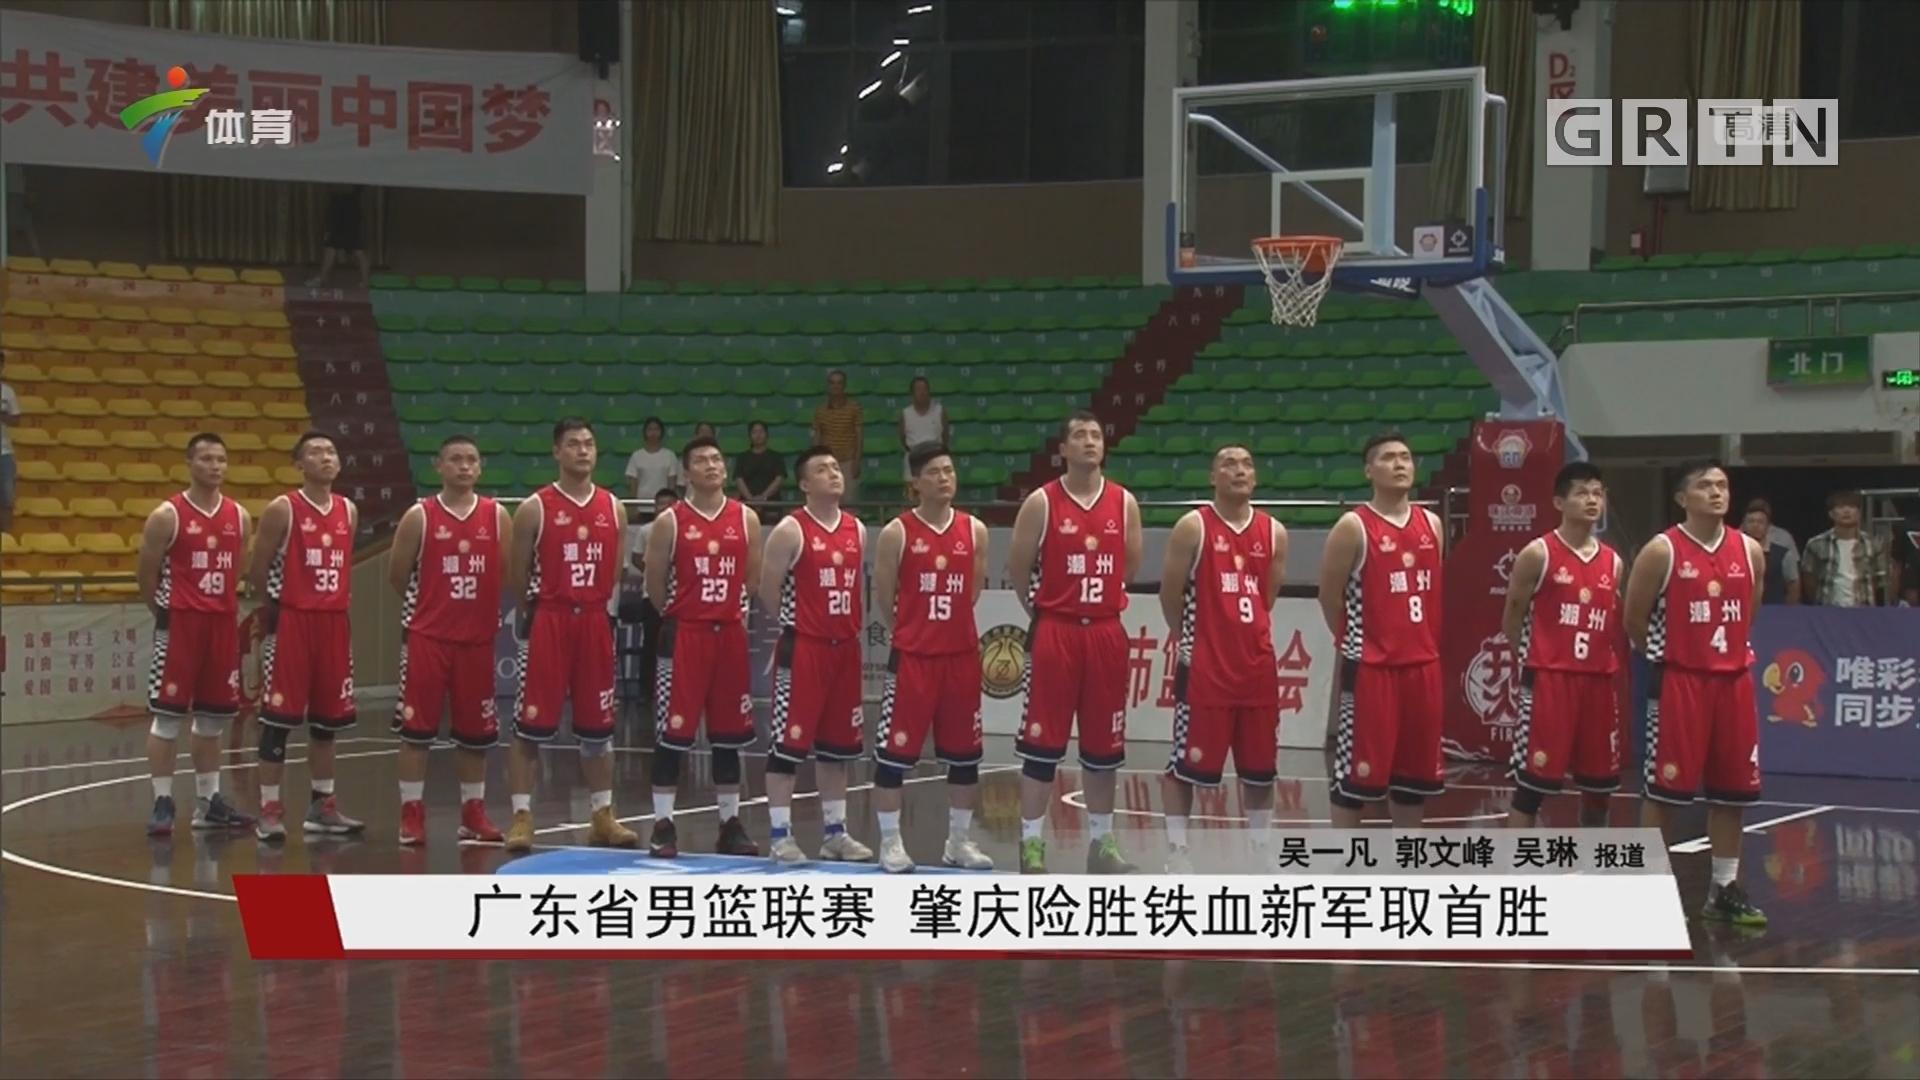 广东省男篮联赛 肇庆险胜铁血新军取首胜